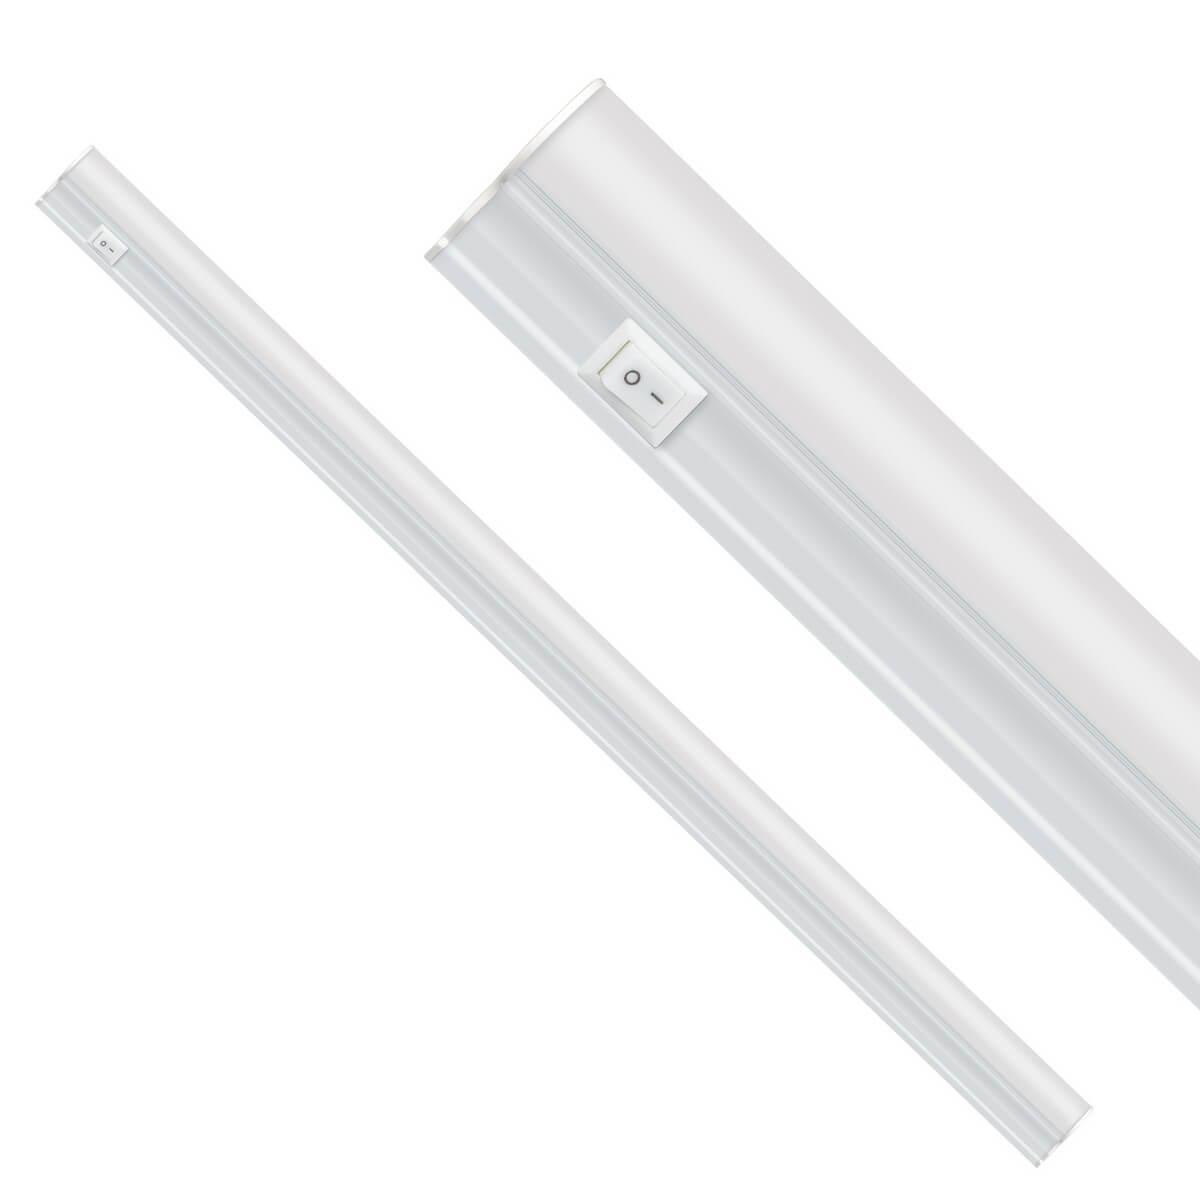 цена на Настенный светодиодный светильник (UL-00002259) Uniel ULI-P11-35W/SPFR IP40 White